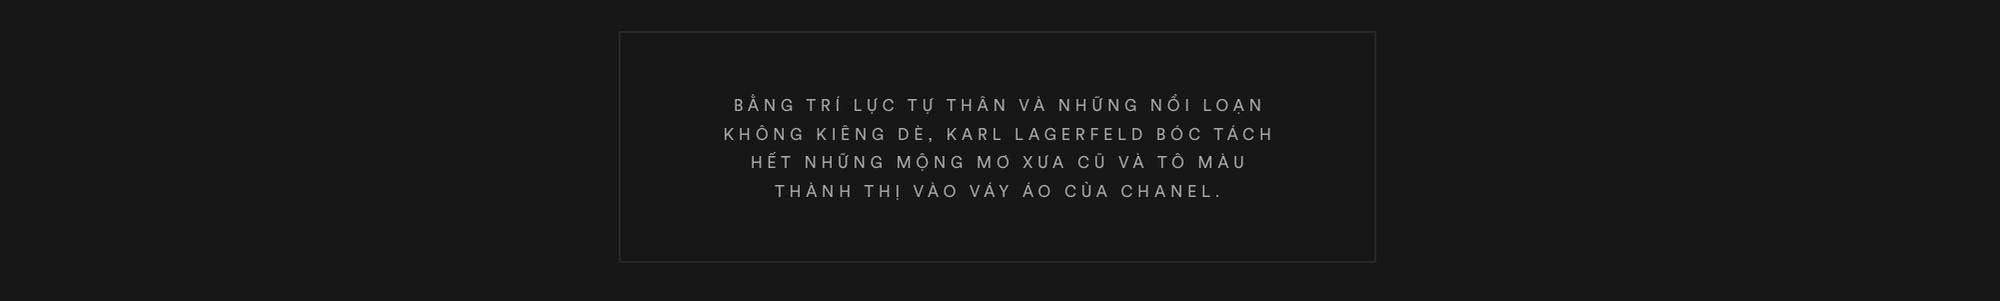 Karl Lagerfeld: 85 năm cuộc đời chỉ gắn liền với hai chữ, vài người đàn ông và một chú mèo - Ảnh 7.